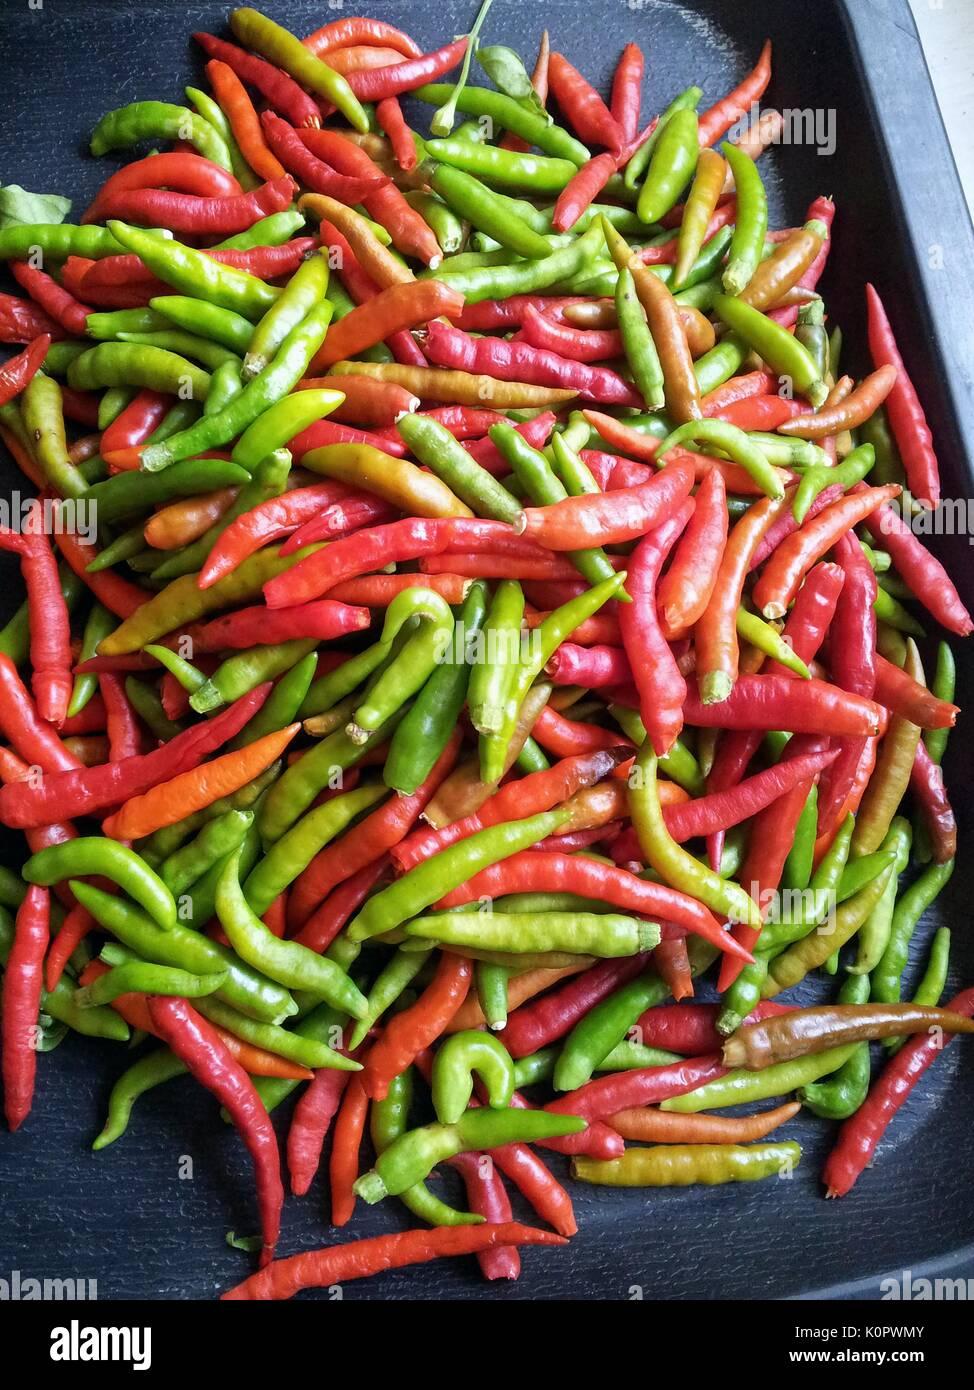 El fruto de la bird's eye chili es utilizada popularmente como especia en la cocina del sudeste asiático. Imagen De Stock